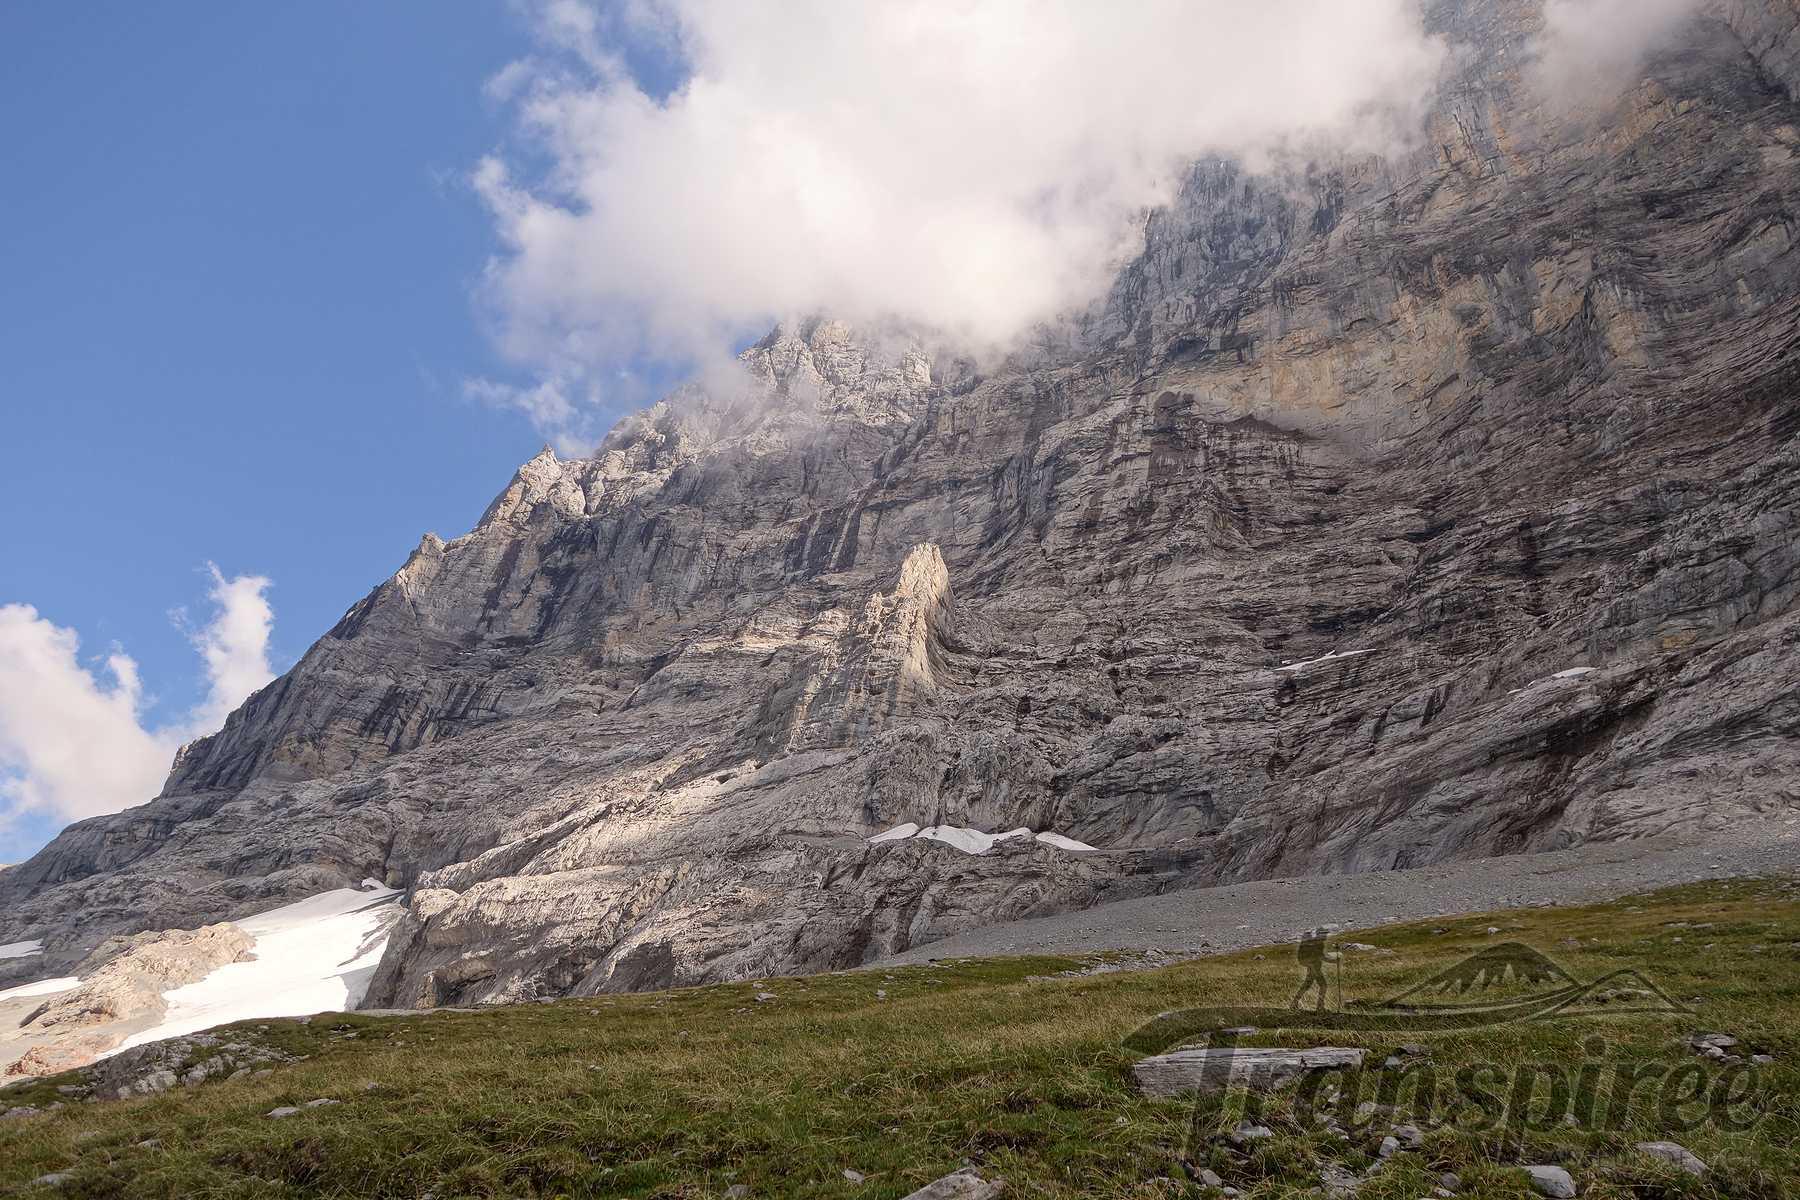 Randonnée à la Mönchsjochhütte depuis Grindelwald, l'Eiger Trail et la Jungfraujoch